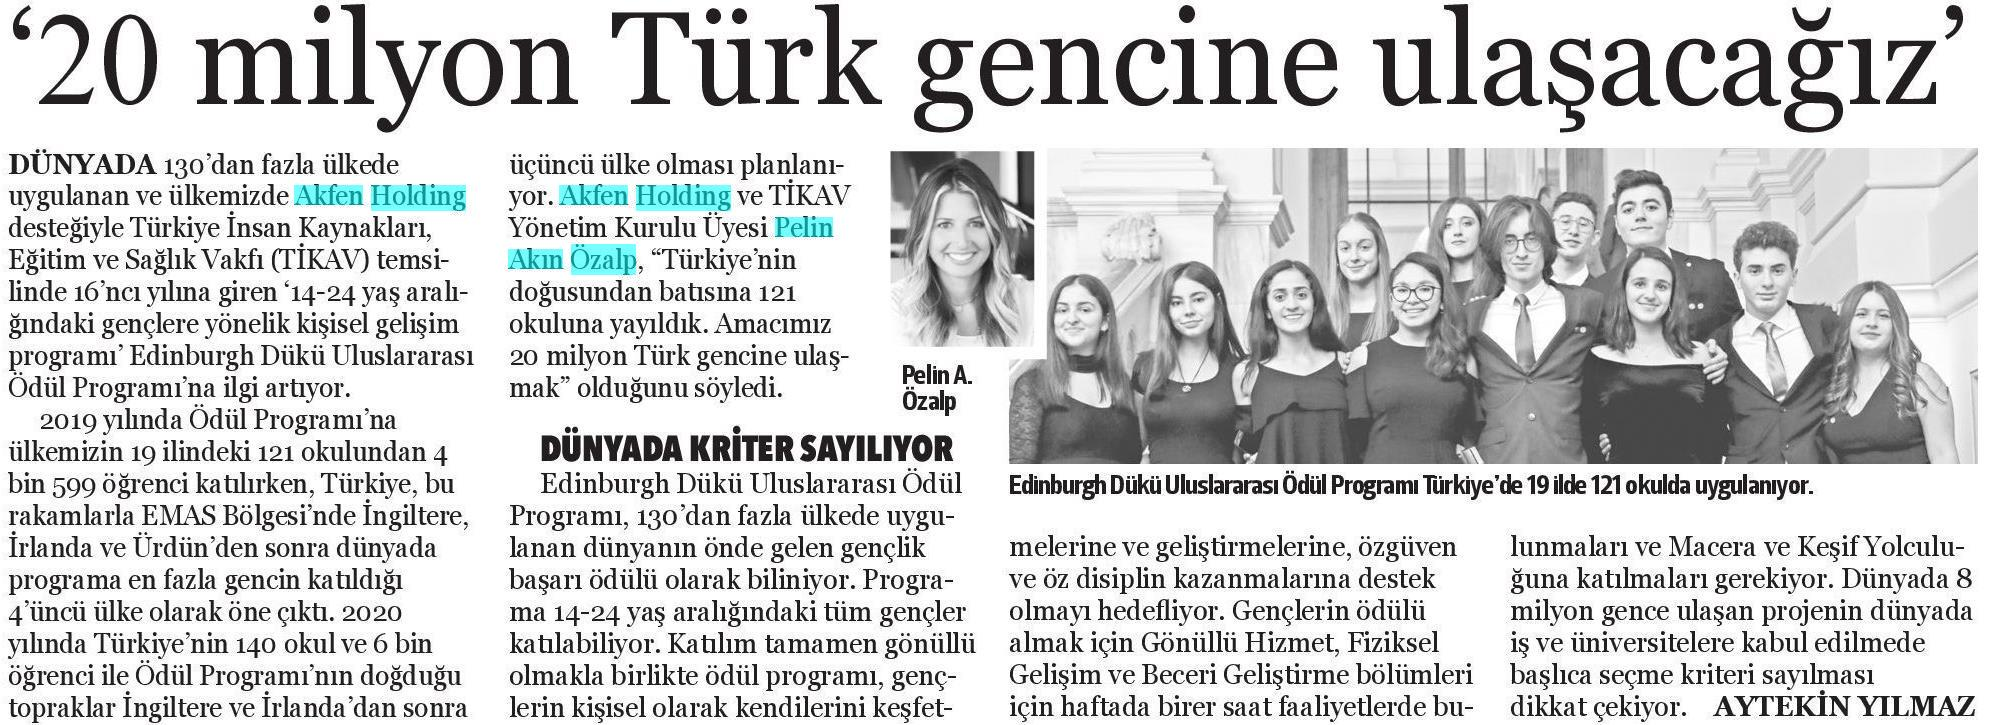 20 milyon Türk gencine ulaşacağız.